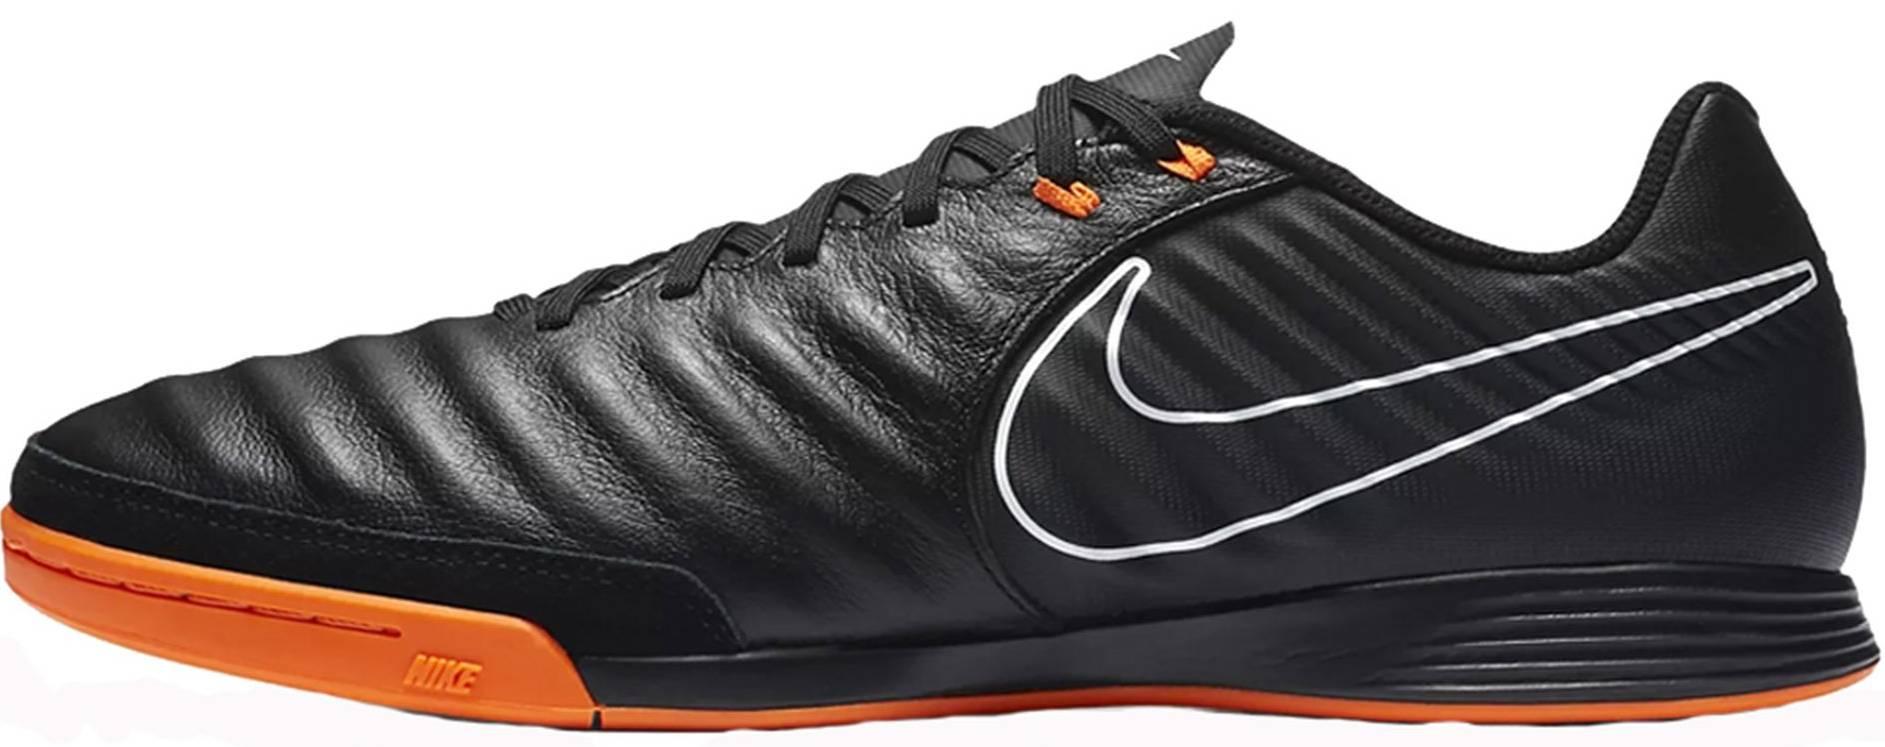 A veces a veces Manuscrito Ascensor  7 Reasons to/NOT to Buy Nike TiempoX Legend VII Academy Indoor (Feb 2021) |  RunRepeat